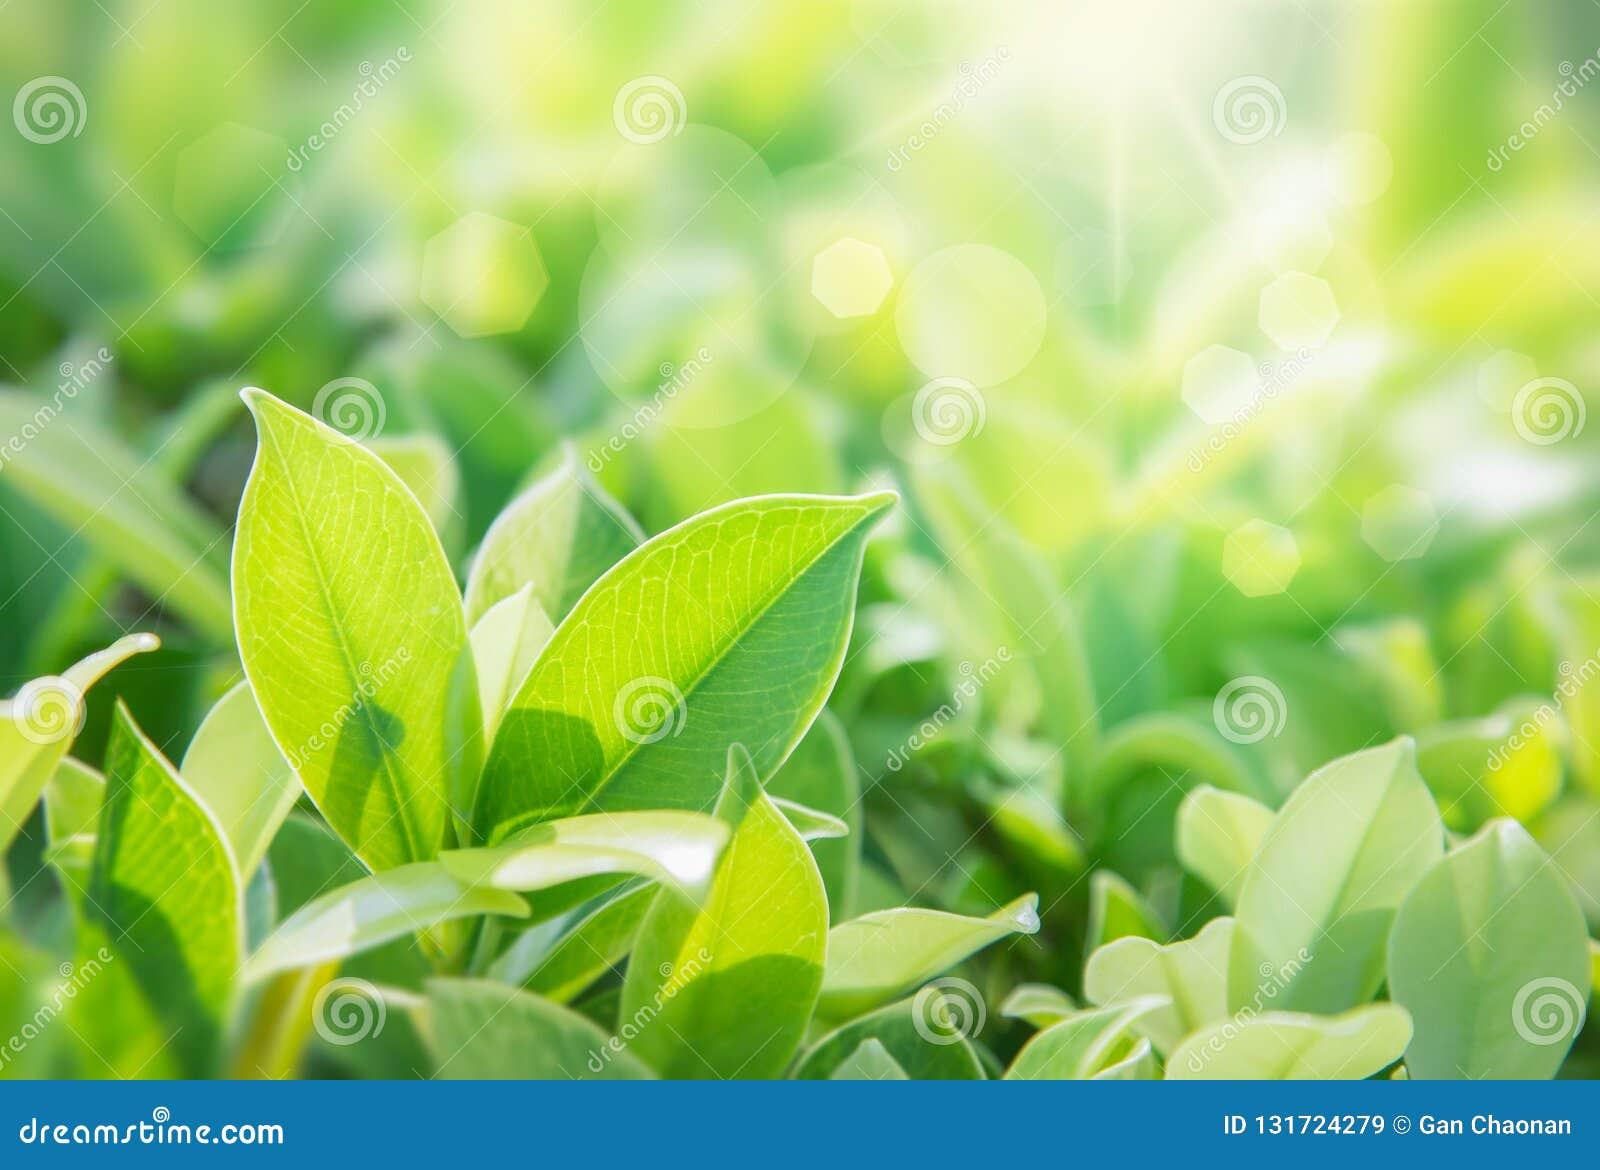 特写镜头绿色叶子自然视图在被弄脏的绿叶背景的在有拷贝空间的庭院里使用作为背景